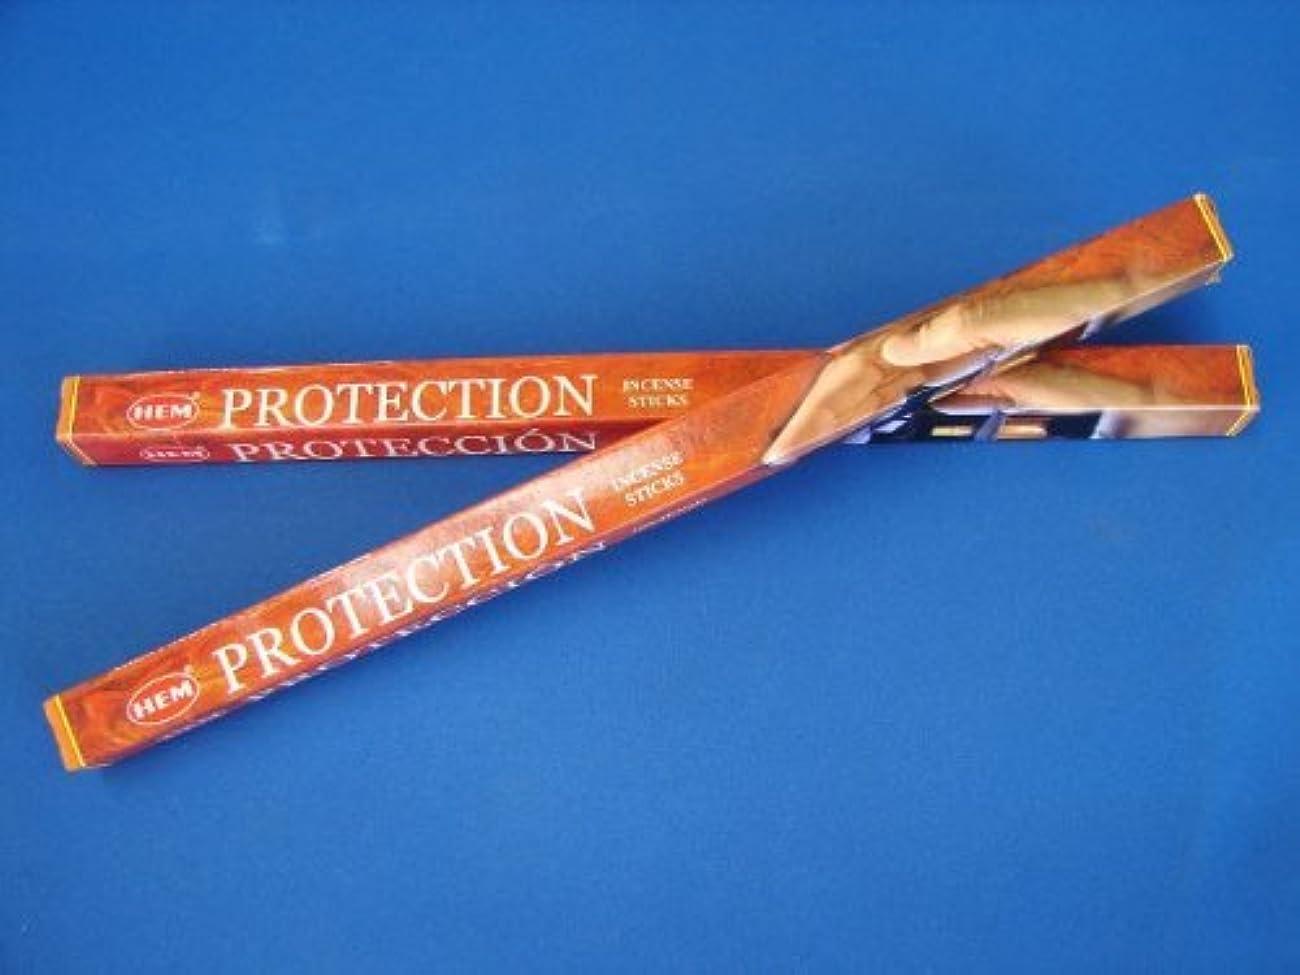 七面鳥慢な奪う4 Boxes of HEM Incense Sticks - Protection